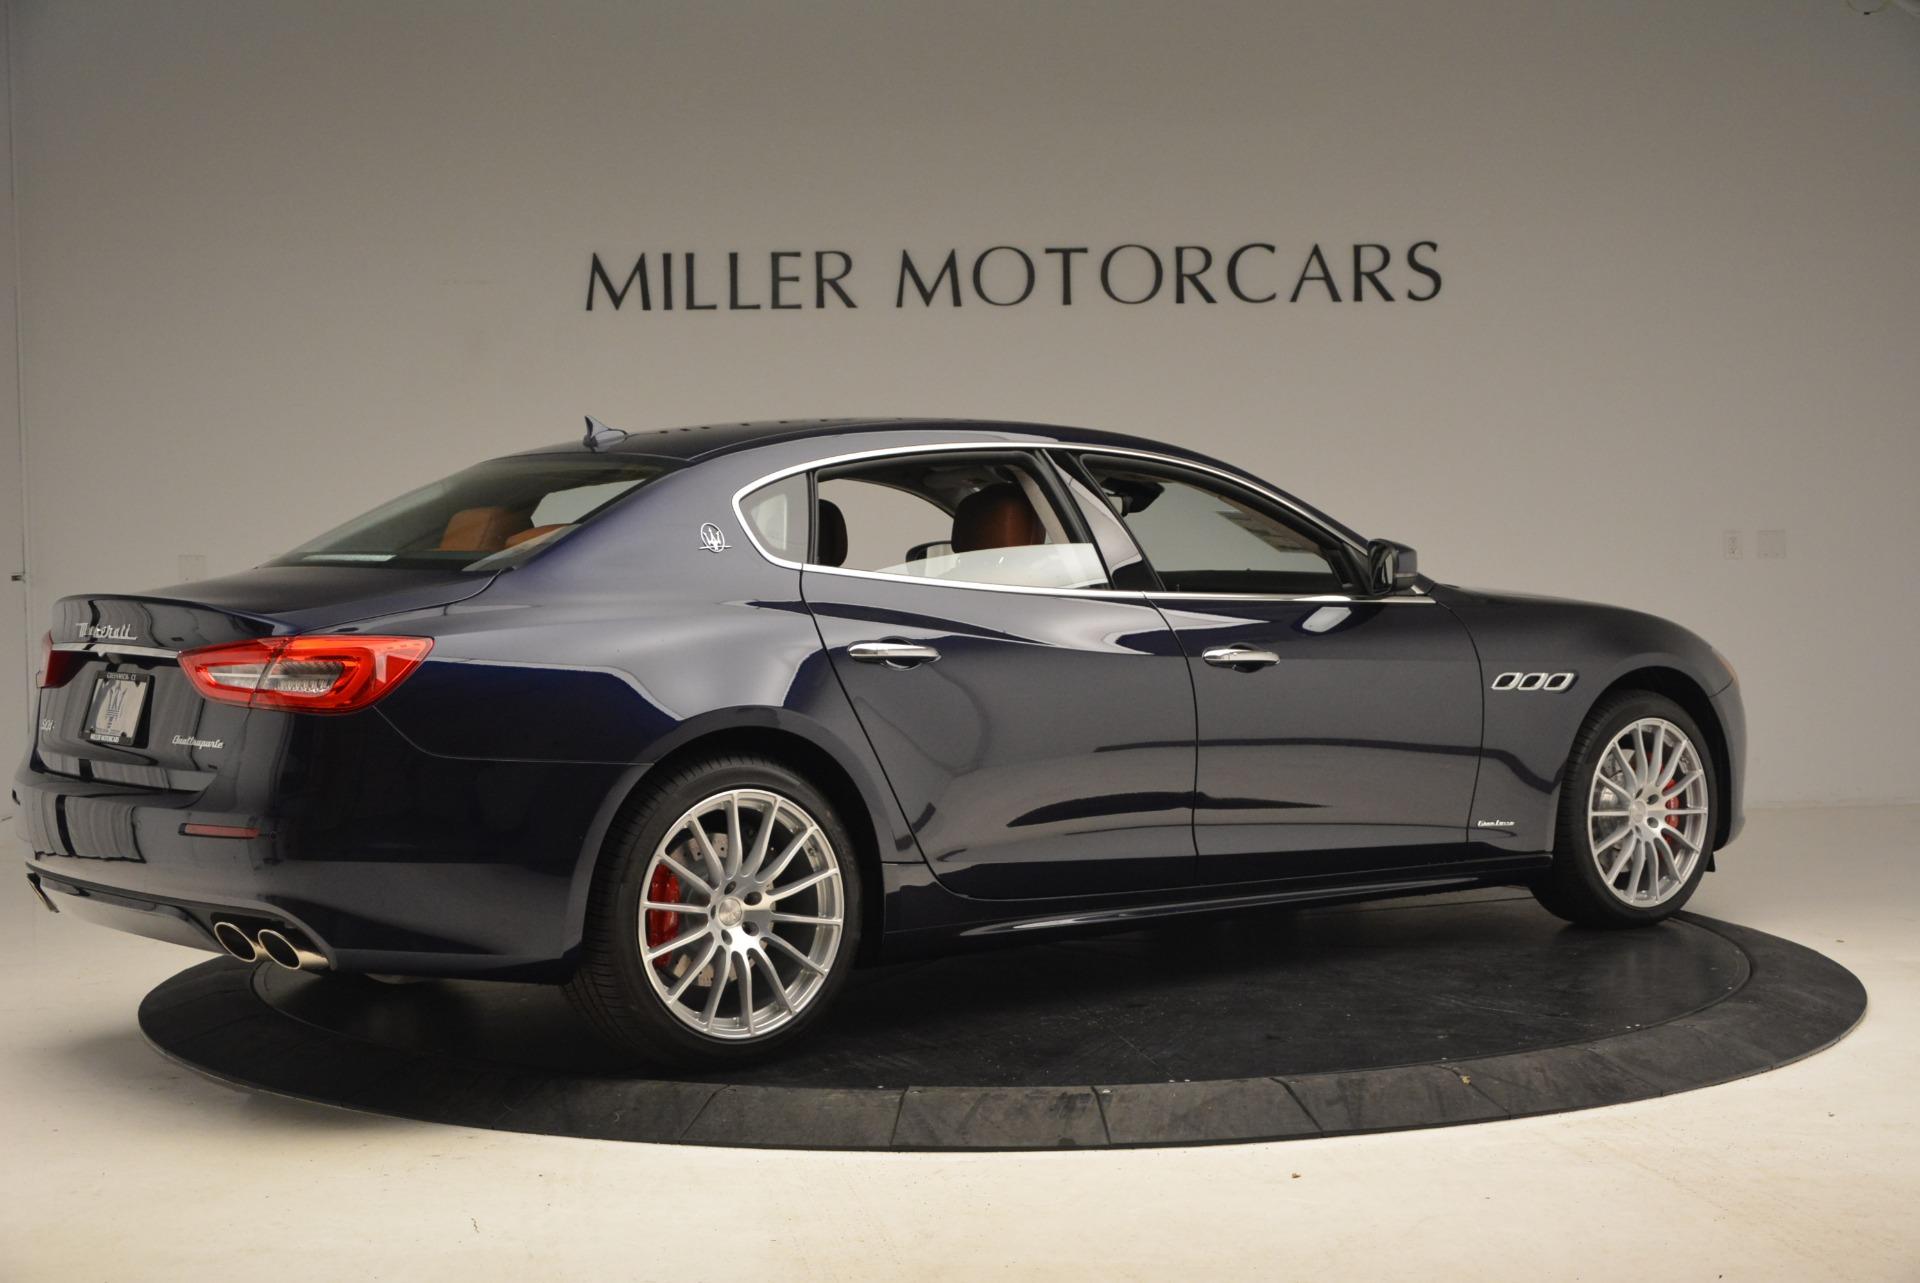 New 2019 Maserati Quattroporte S Q4 GranLusso For Sale In Greenwich, CT 2767_p8